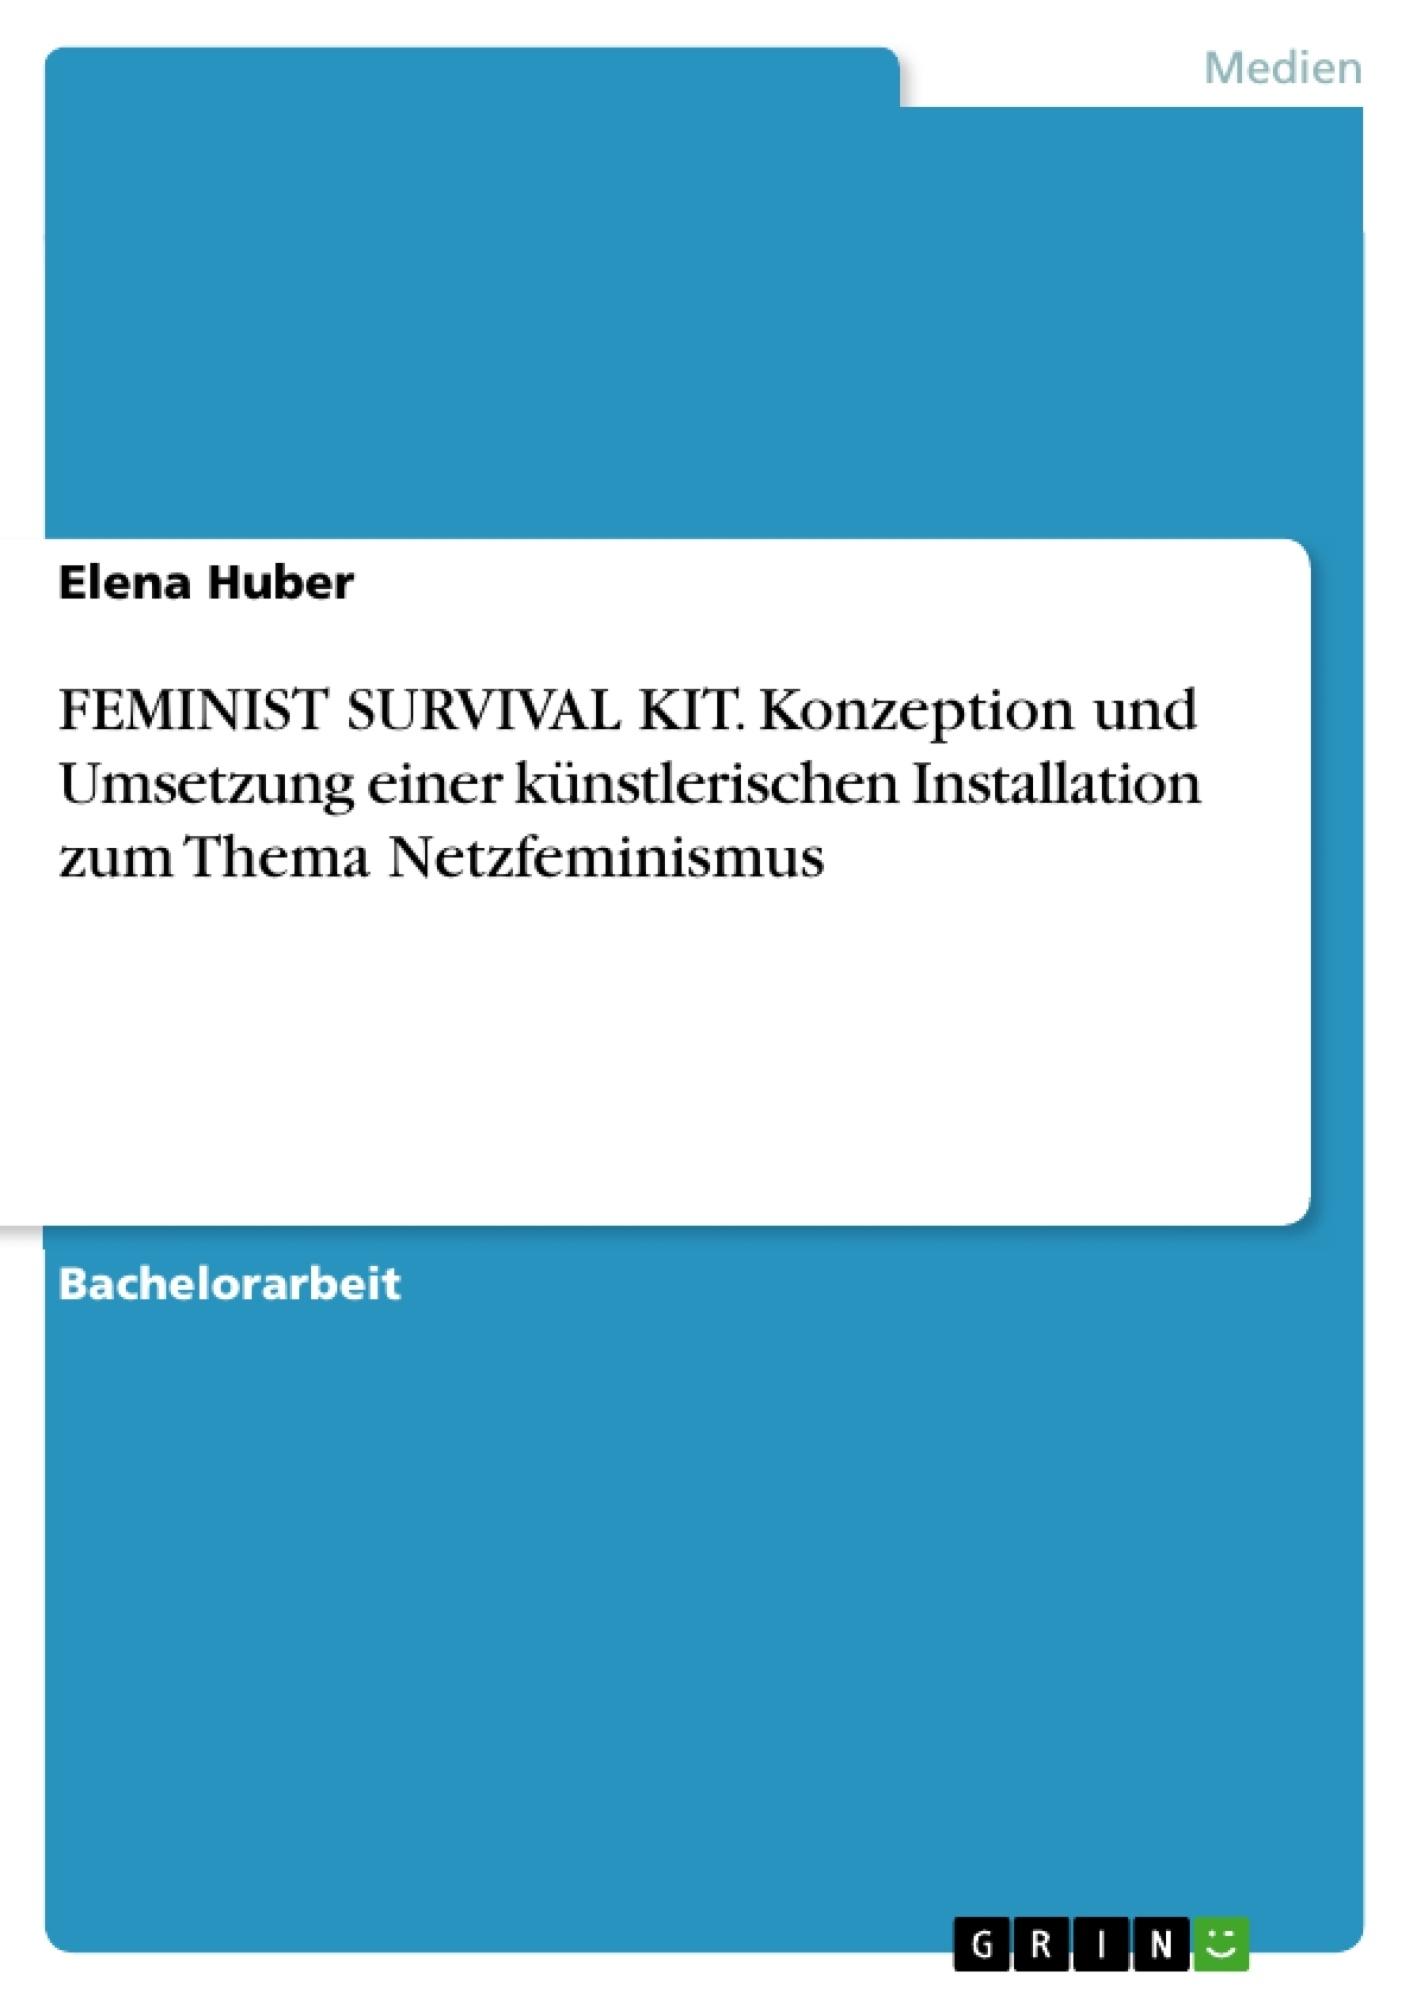 Titel: FEMINIST SURVIVAL KIT. Konzeption und Umsetzung einer künstlerischen Installation zum Thema Netzfeminismus